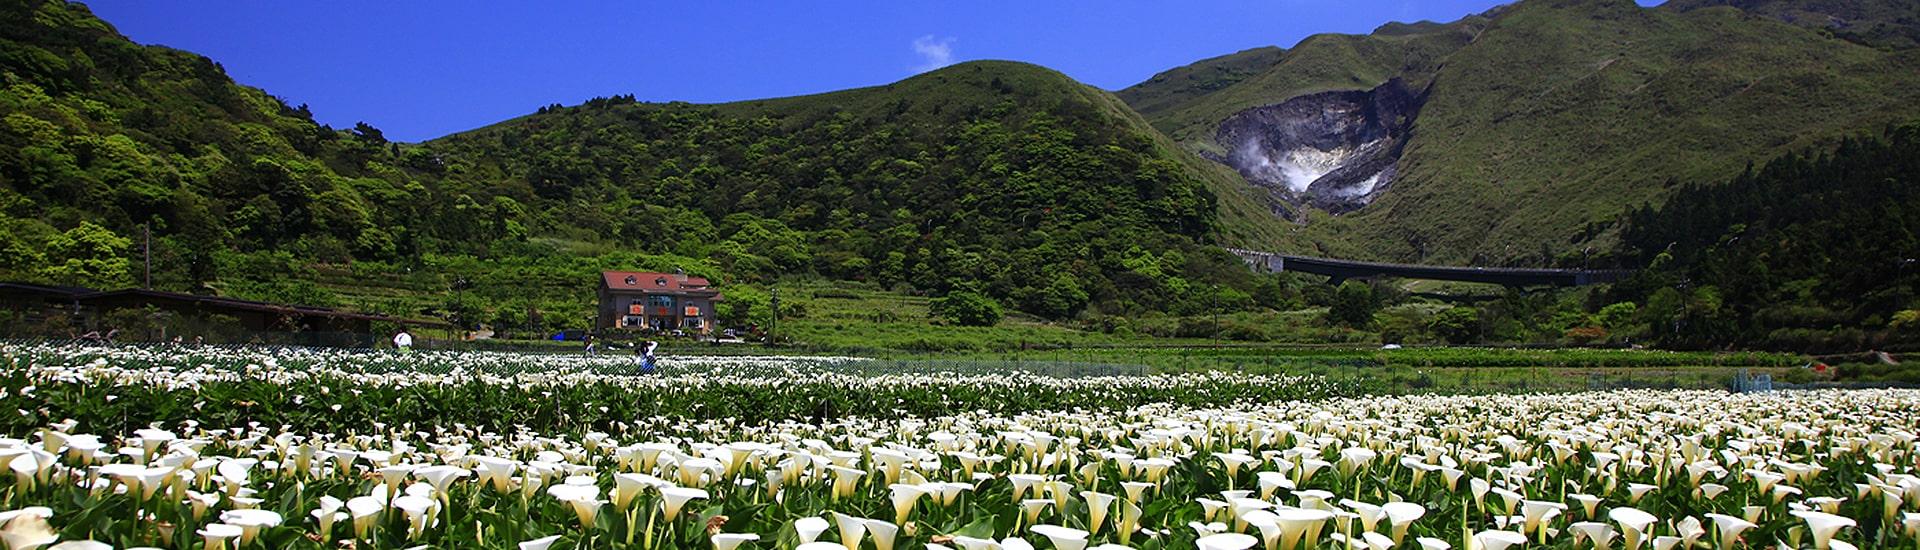 Montaña Yangming